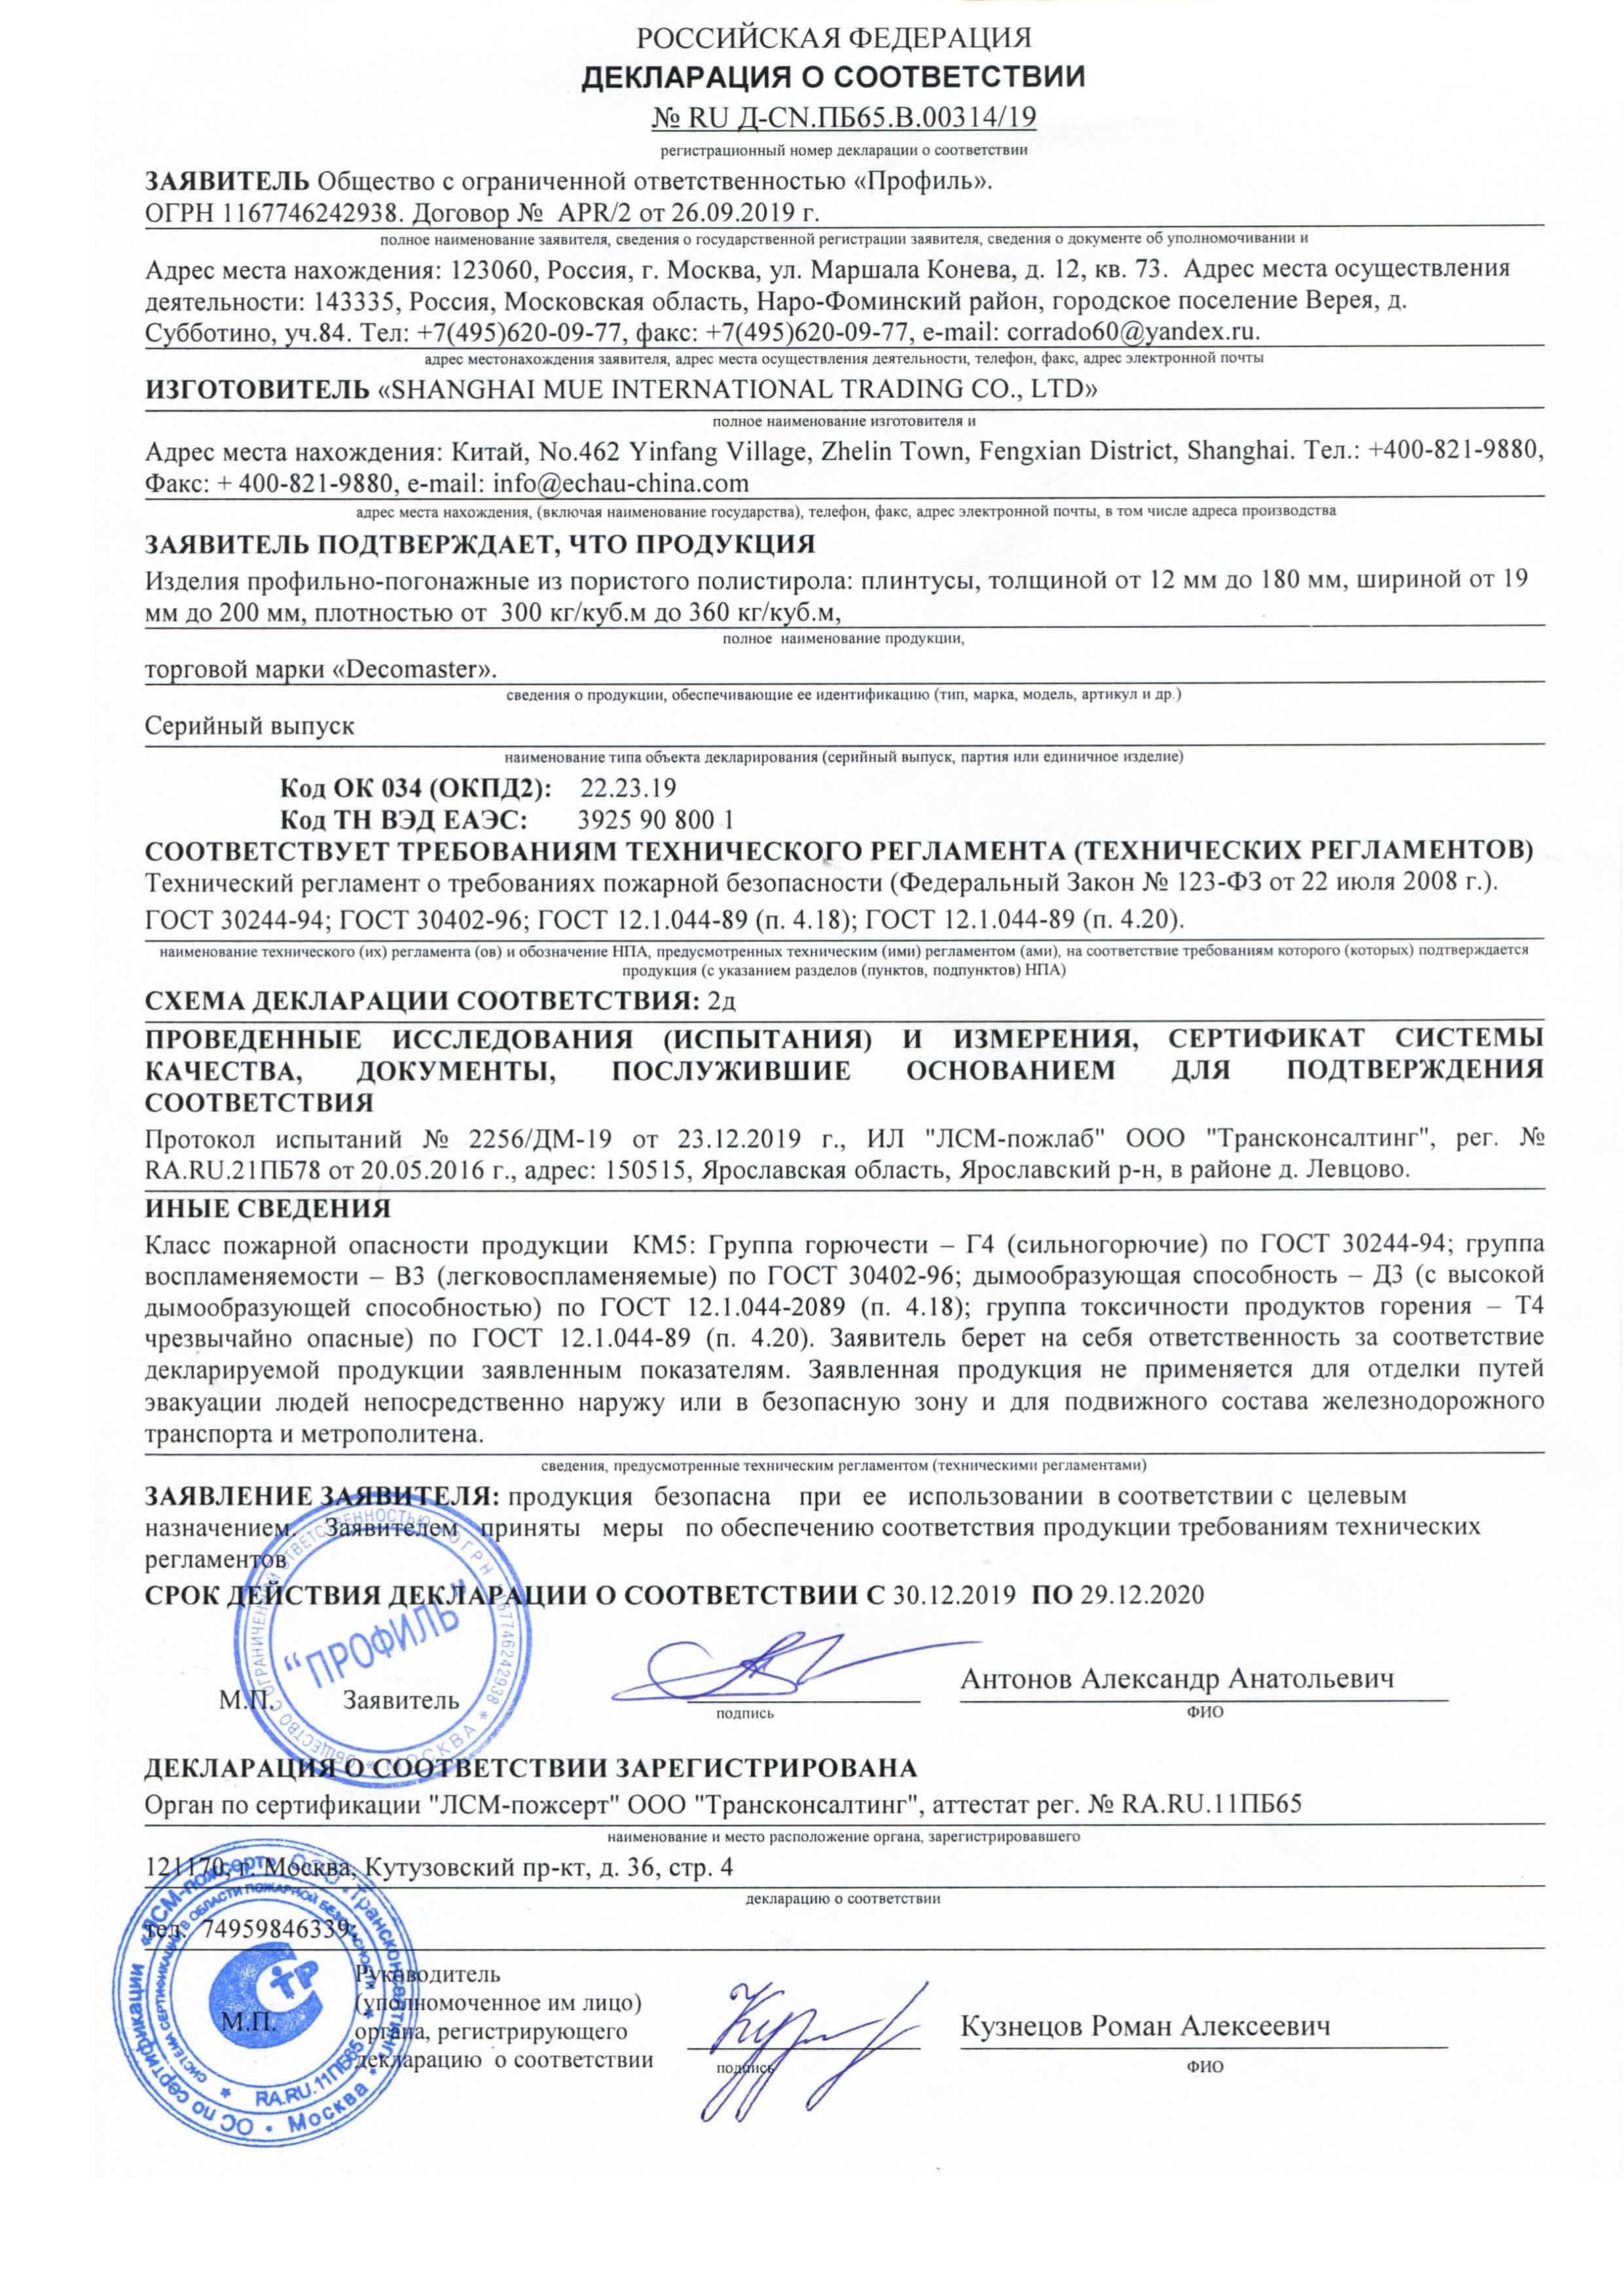 Сертификат_соответствия_2